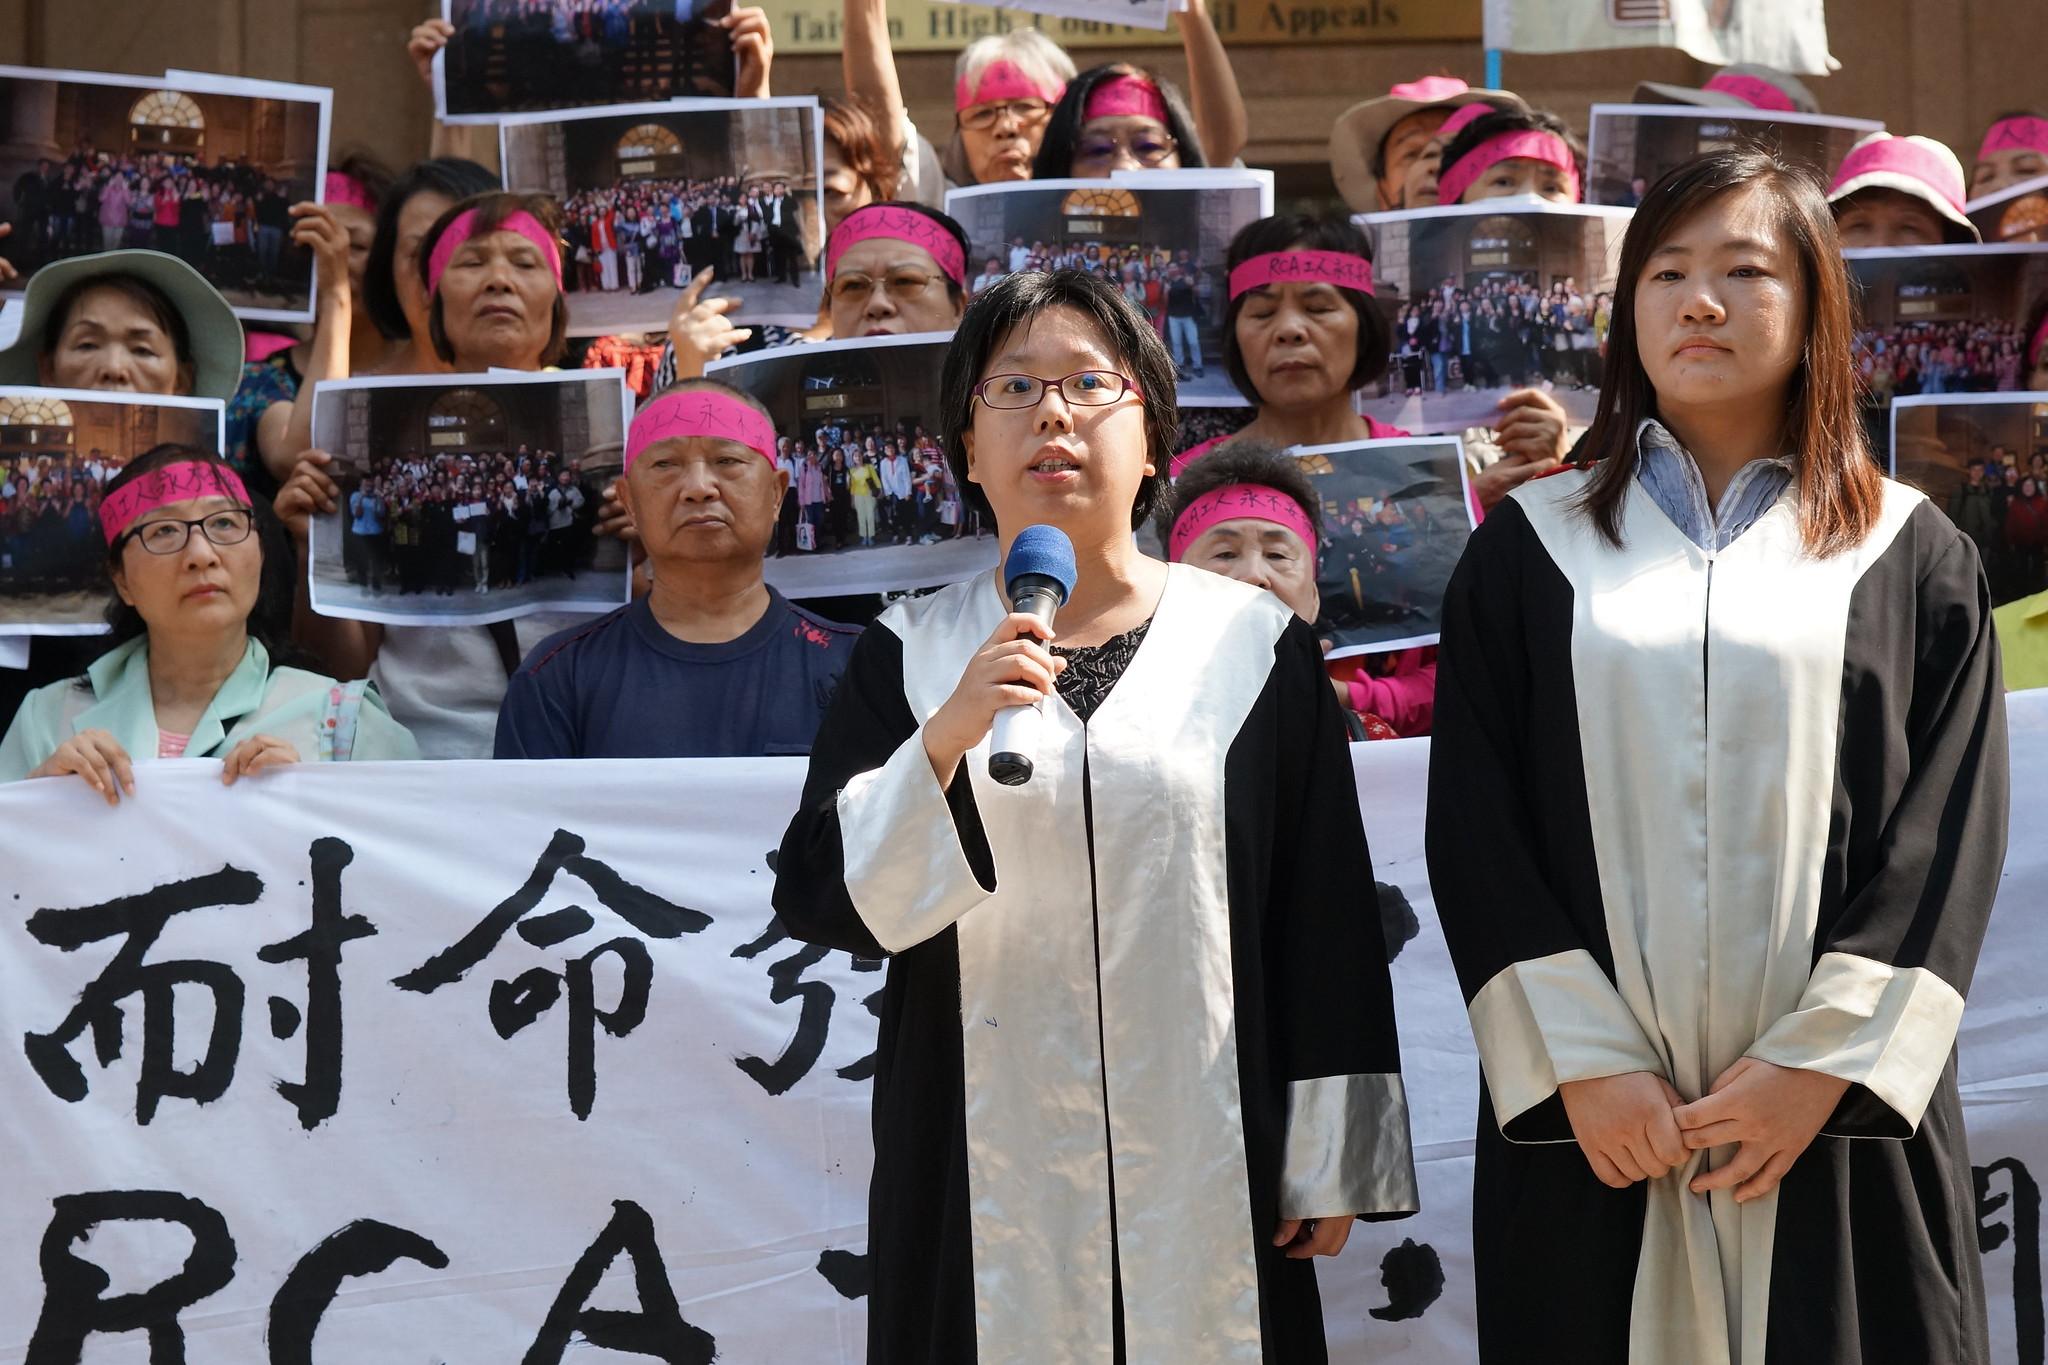 律師團成員蔡雅瀅期望二審司法做出具進步性的開創性判決。(攝影:王顥中)